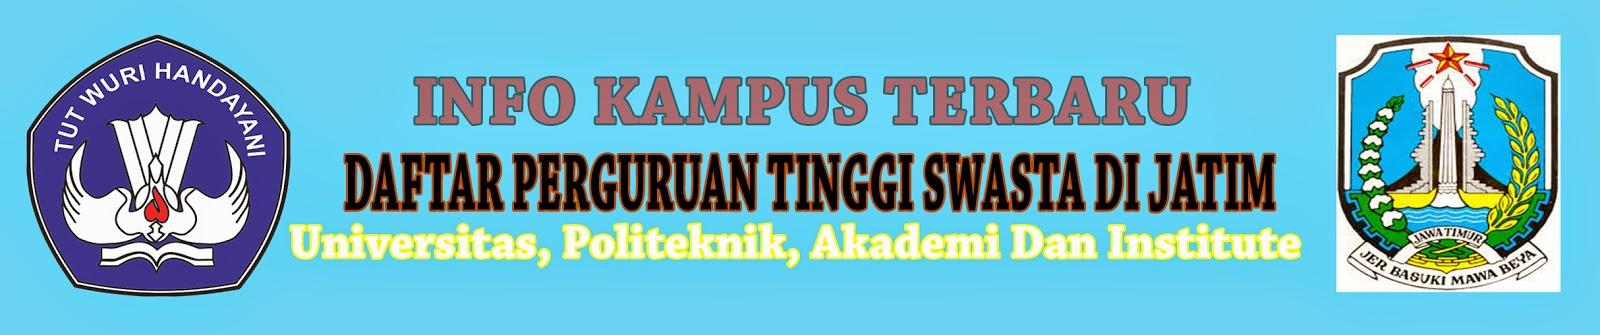 Daftar Lengkap Perguruan Tinggi Swasta Di Jawa Timur